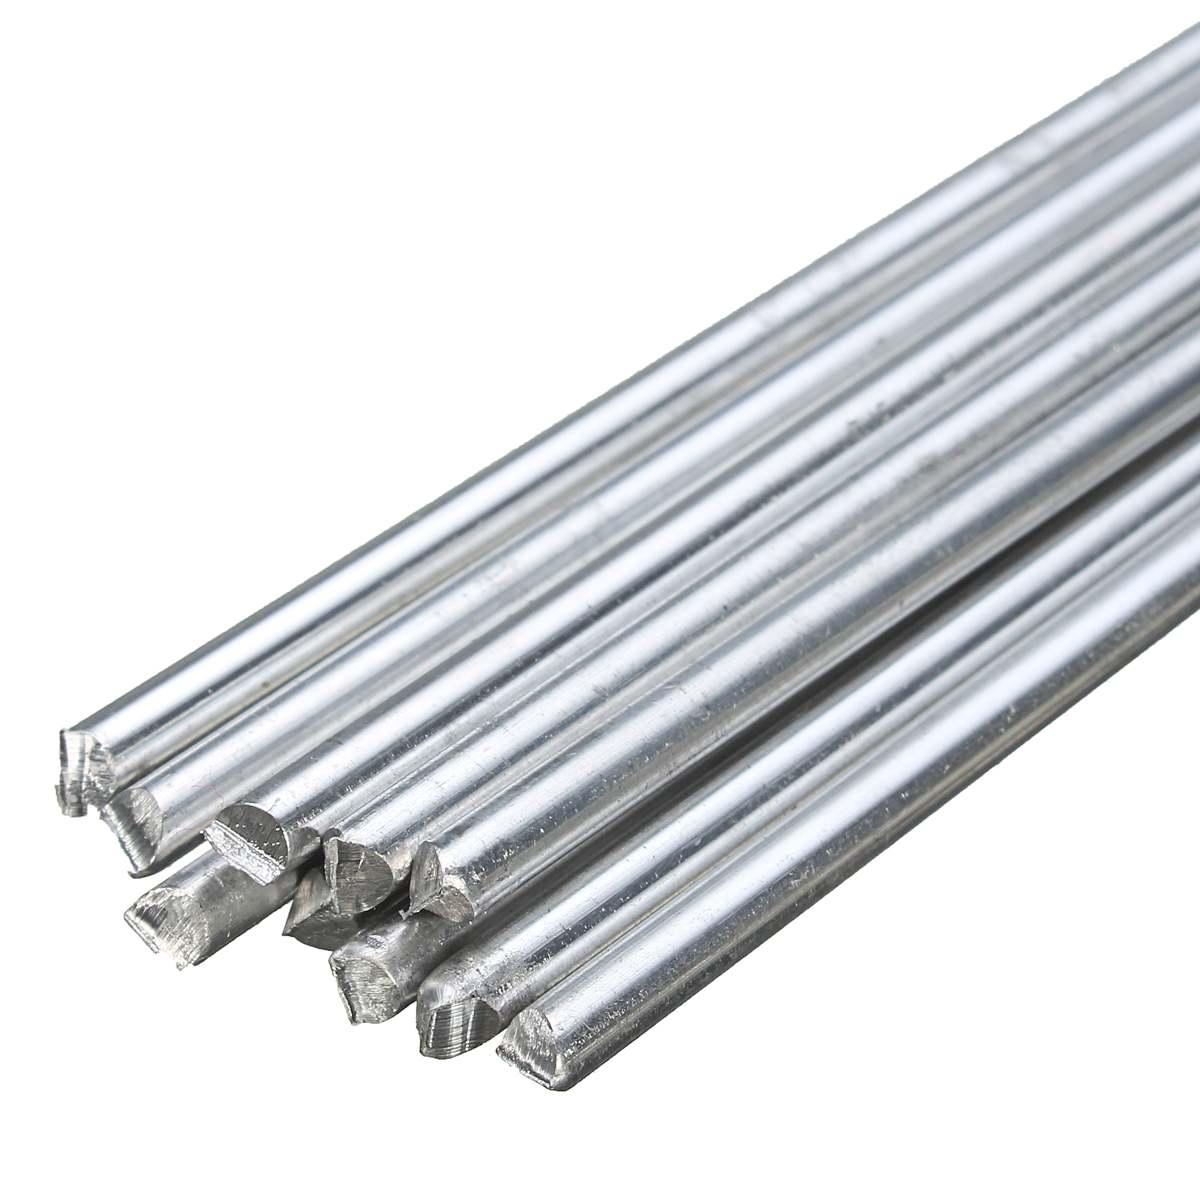 10 шт. 3,2 мм x 230 мм алюминиевые сварочные стержни низкая температура для сварочного аппарата ремонтный рабочий инструмент